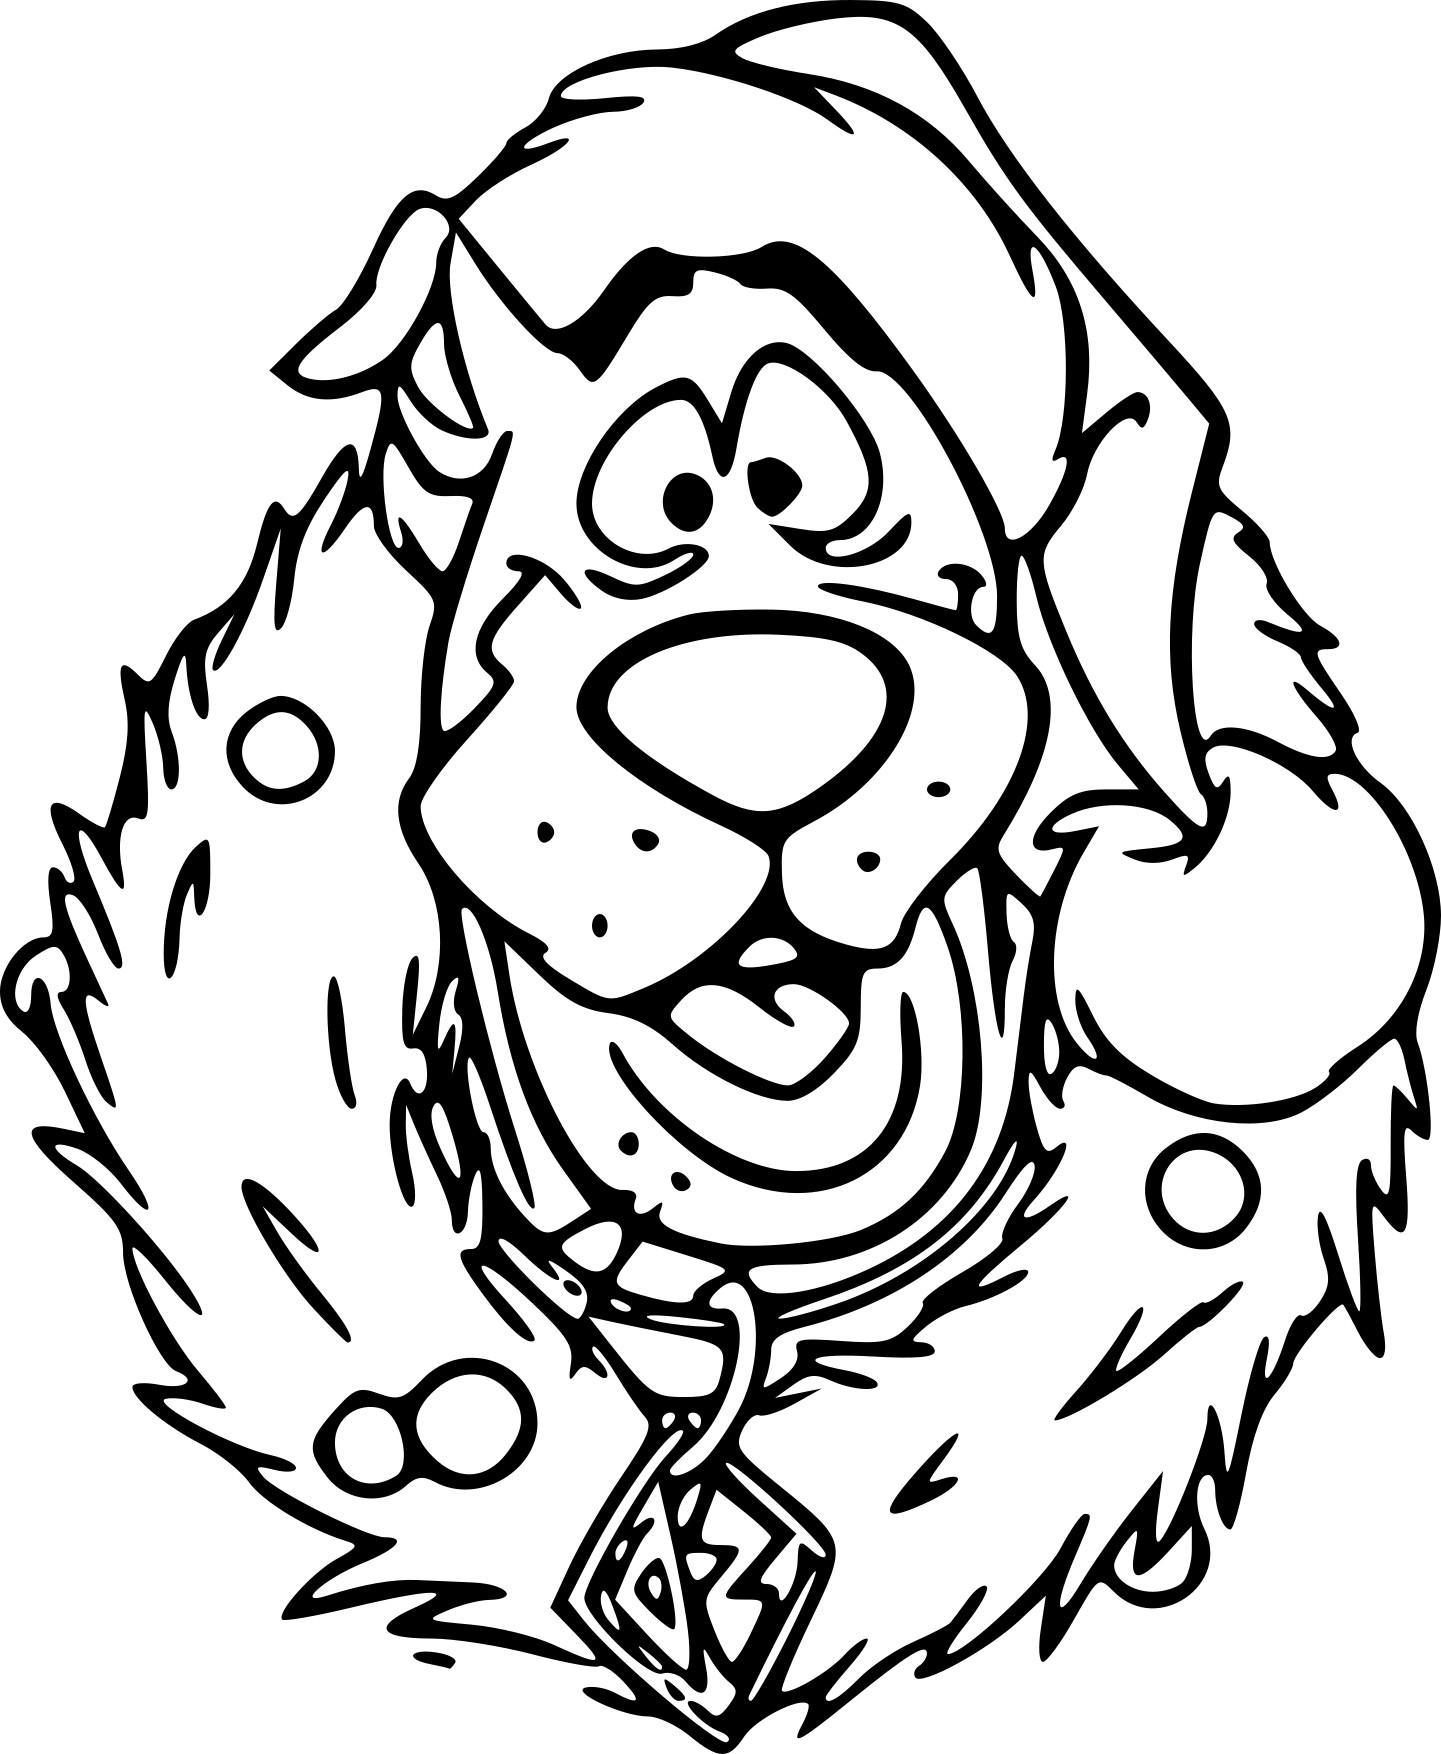 Coloriage Scooby Doo Noël À Imprimer Sur Coloriages tout Scooby Doo À Colorier